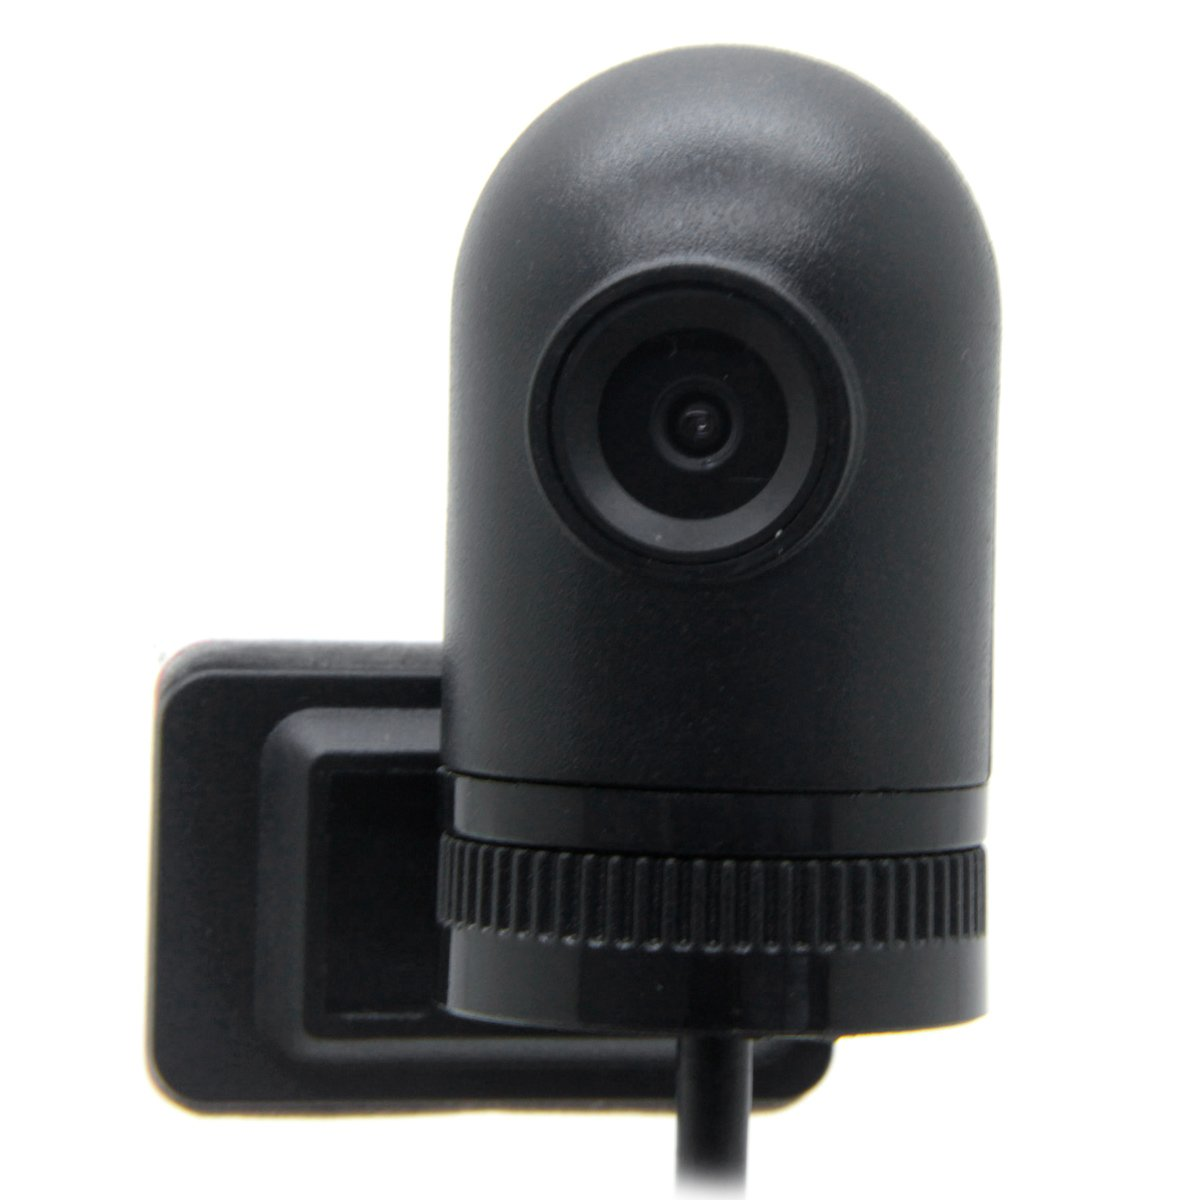 140度広角防水5 V 2.0 MP車ビデオカメラレコーダーカメラ B079DHQB9W